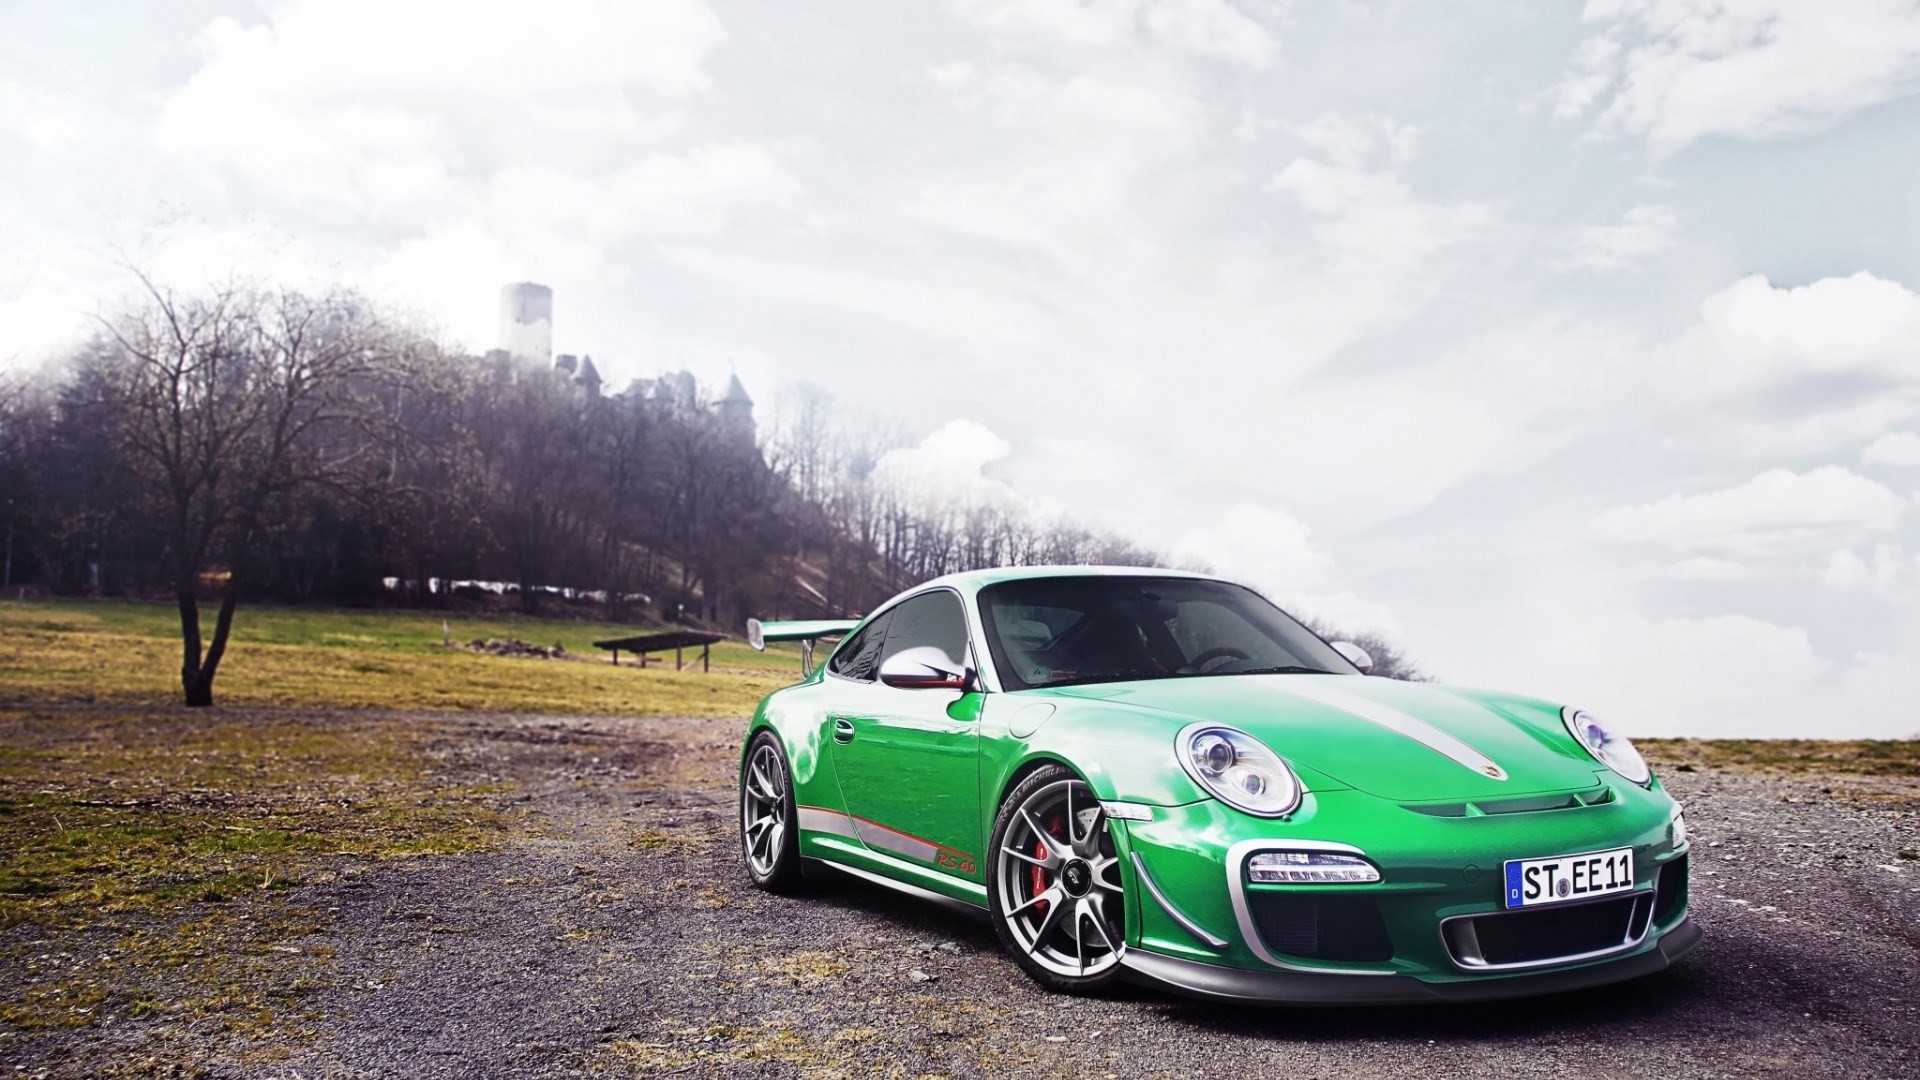 Porsche Gt3 Rs Wallpaper Wallpaper 7 - Porsche Gt3 Wallpaper Green - HD Wallpaper